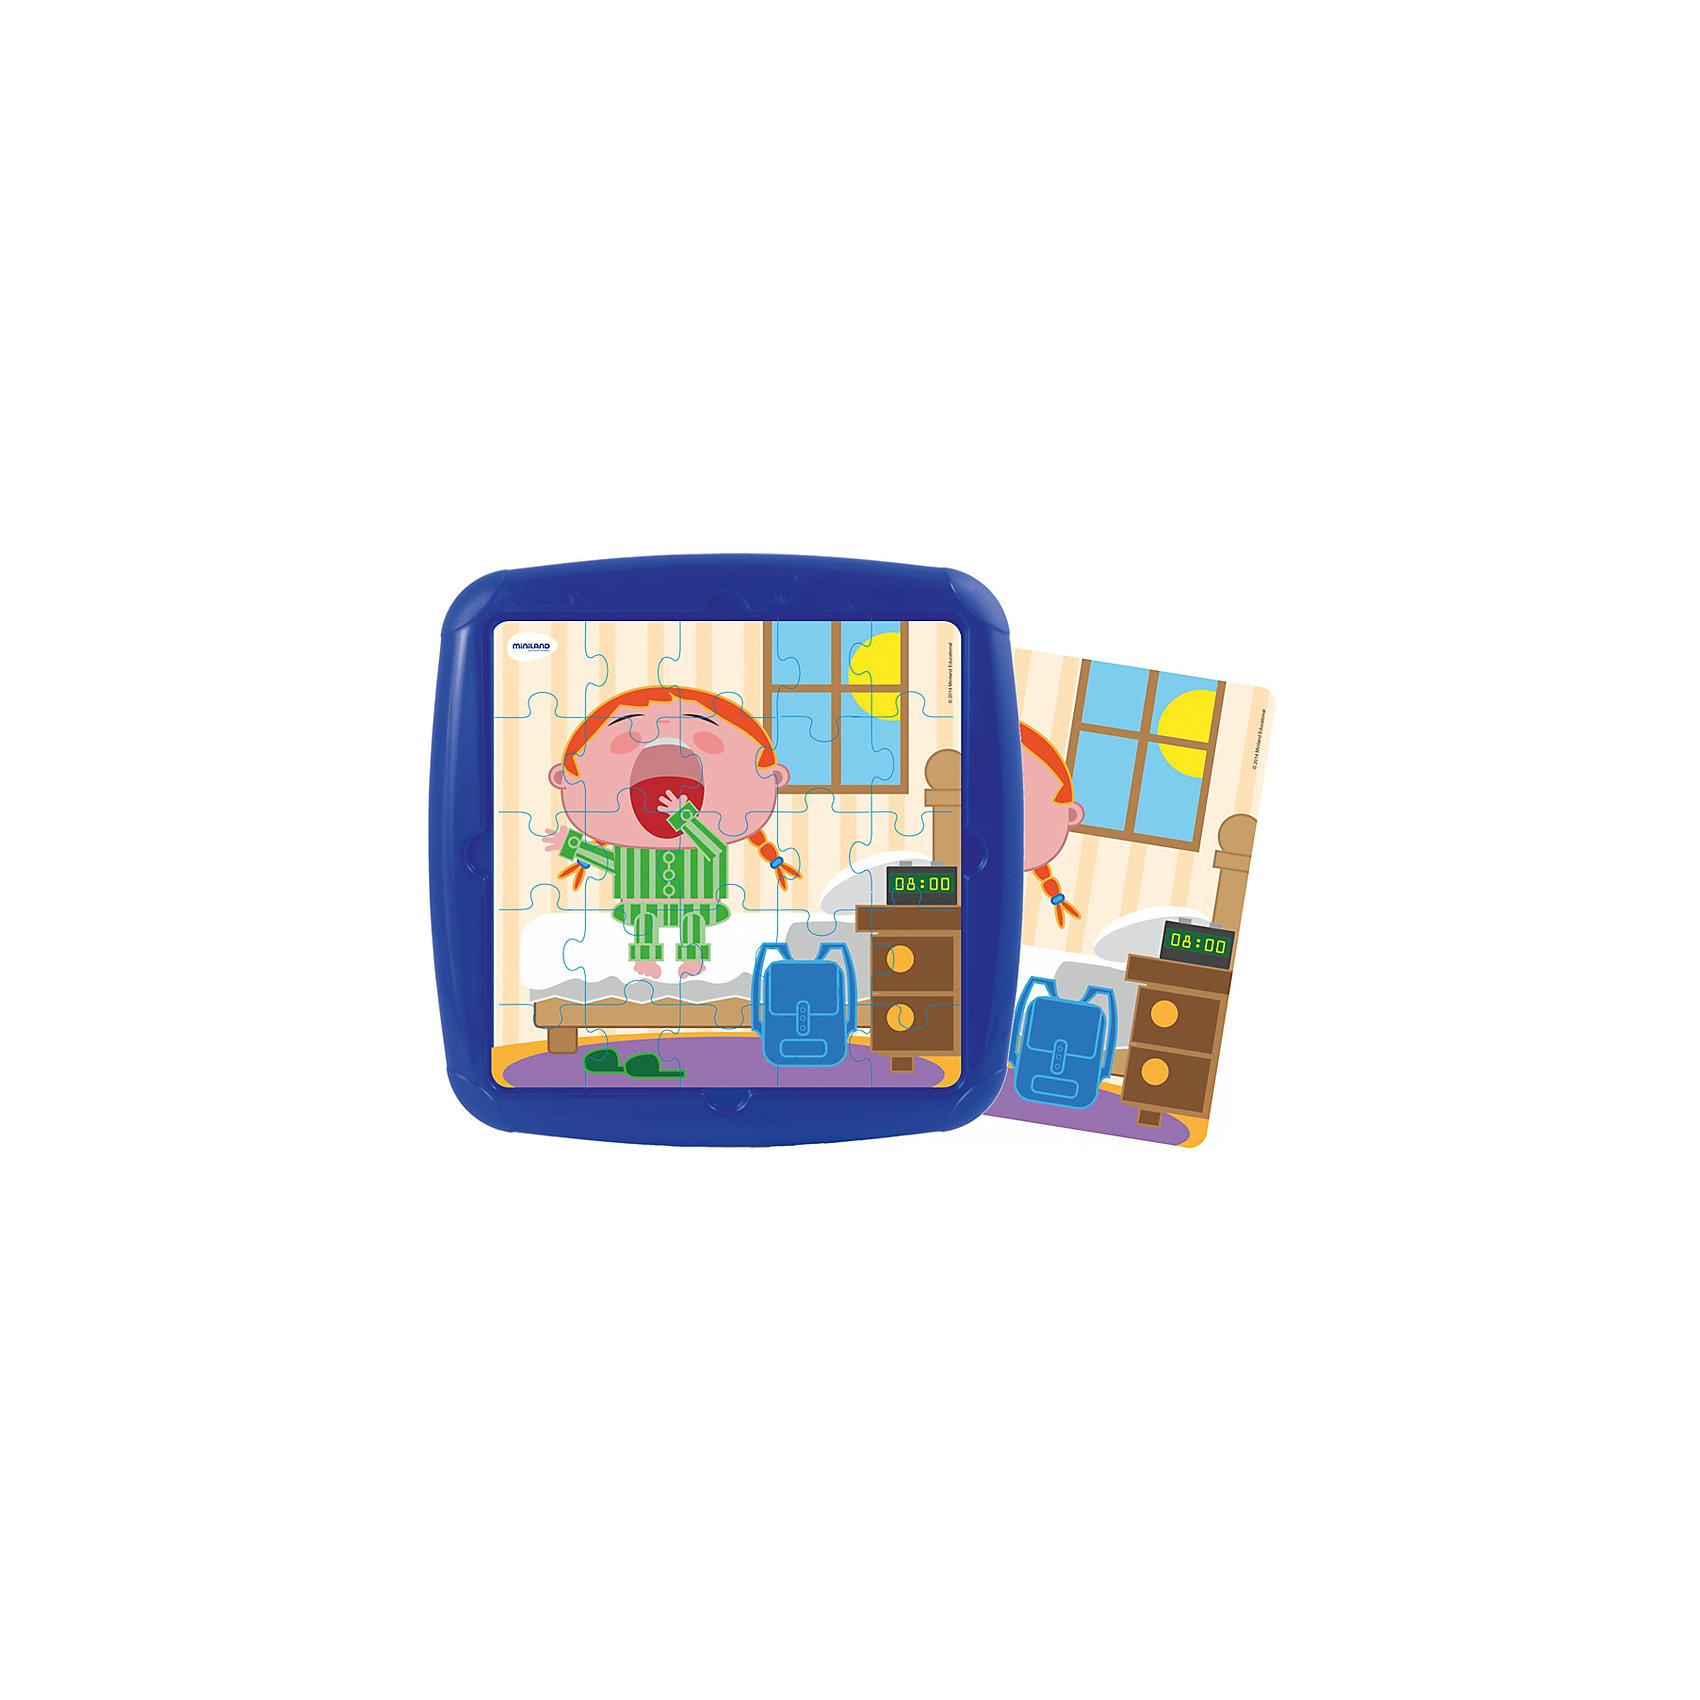 Пазл Распорядок дня. Подъем, MinilandПазл Распорядок дня. Подъем, Miniland (Миниленд) – этот пазл замечательный и полезный подарок для вашего ребенка.<br>В наборе 25 пластиковых элементов пазла, которые удобно собираются в пластиковом контейнере. Для правильности сборки предлагается трафарет из пластиковой пленки с рисунком. Собирая пазл, ребенок развивает мелкую моторику, внимательность и усидчивость.<br><br>Дополнительная информация:<br><br>- В наборе: пазл 25 элементов, трафарет<br>- Размер собранного пазла: 21 х 21 см.<br>- Материал: высококачественный пластик<br>- Размер упаковки: 26,5 х 26,5 х 1 см.<br>- Вес: 300 гр.<br><br>Пазл Распорядок дня. Подъем, Miniland (Миниленд) можно купить в нашем интернет-магазине.<br><br>Ширина мм: 265<br>Глубина мм: 265<br>Высота мм: 10<br>Вес г: 300<br>Возраст от месяцев: 36<br>Возраст до месяцев: 84<br>Пол: Унисекс<br>Возраст: Детский<br>SKU: 4198177